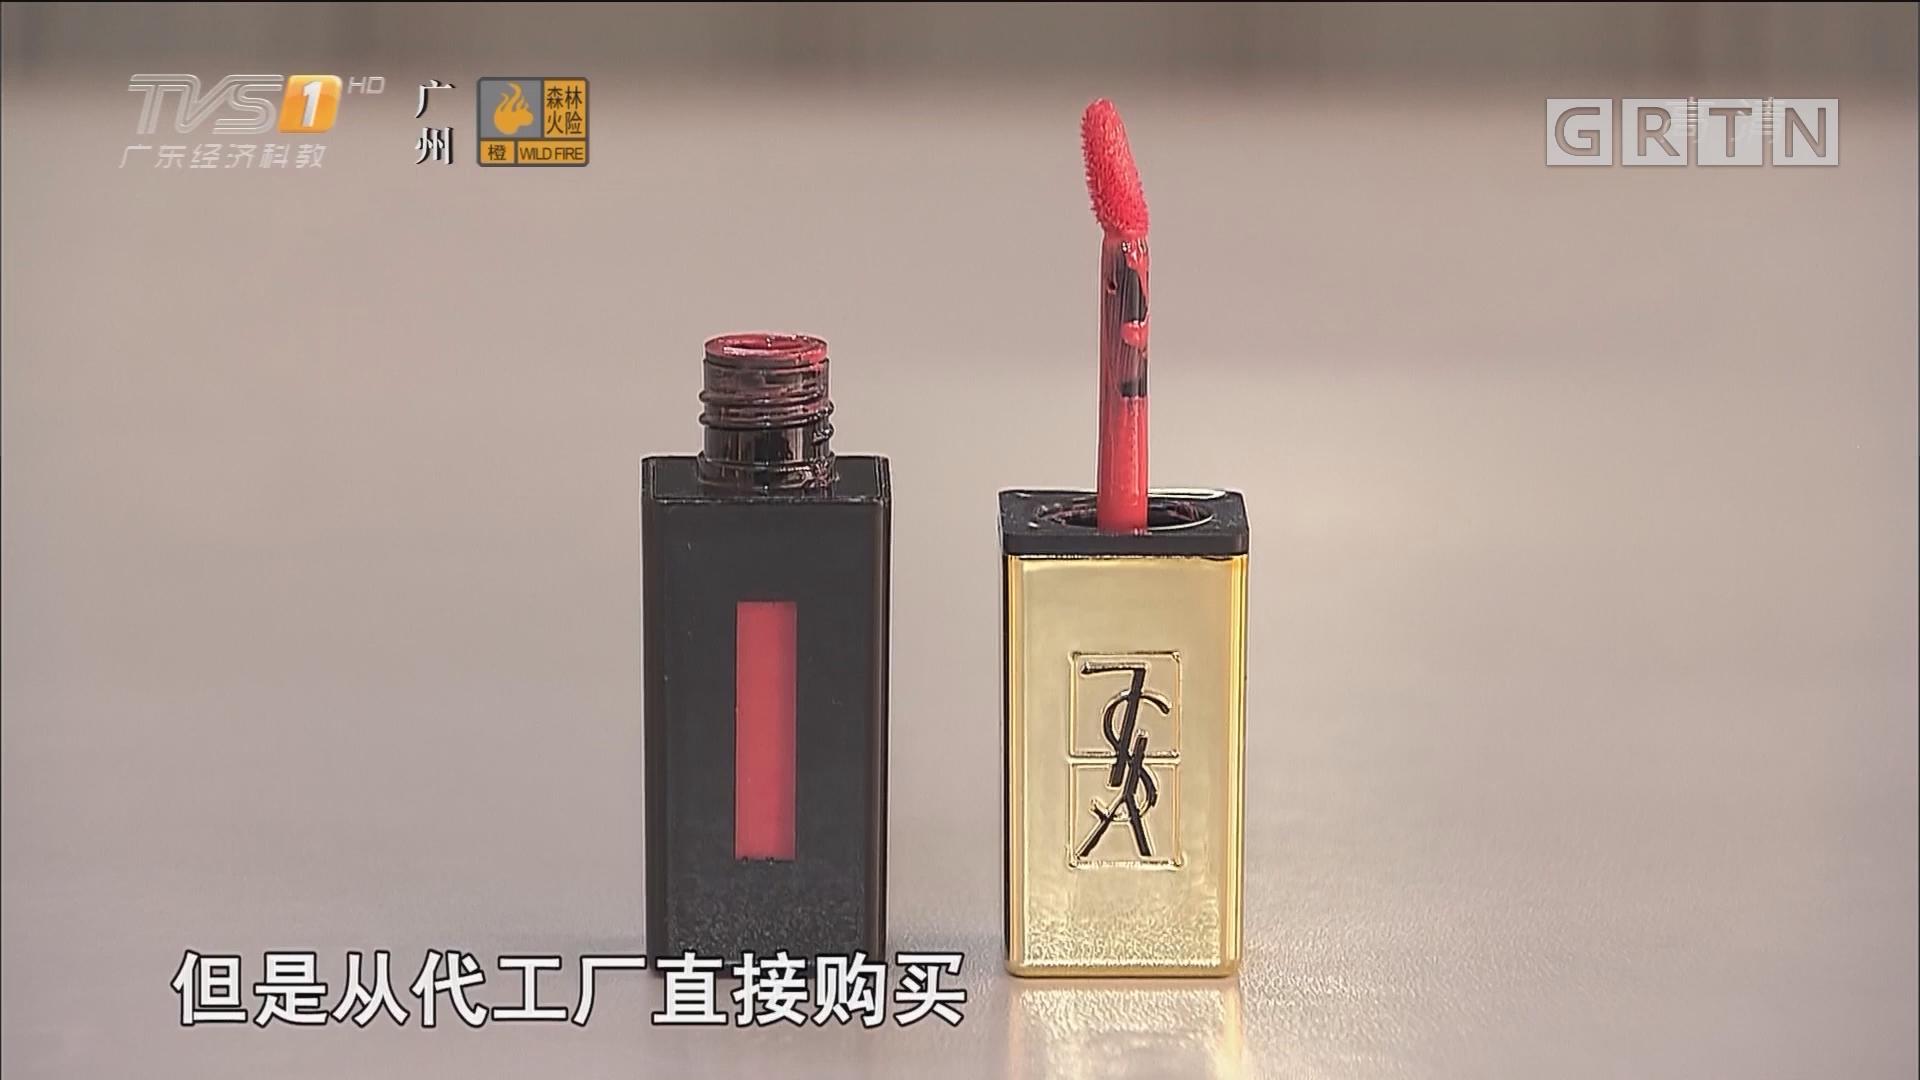 记者调查:化妆品市场黑幕 藏在脸上的陷阱(下)